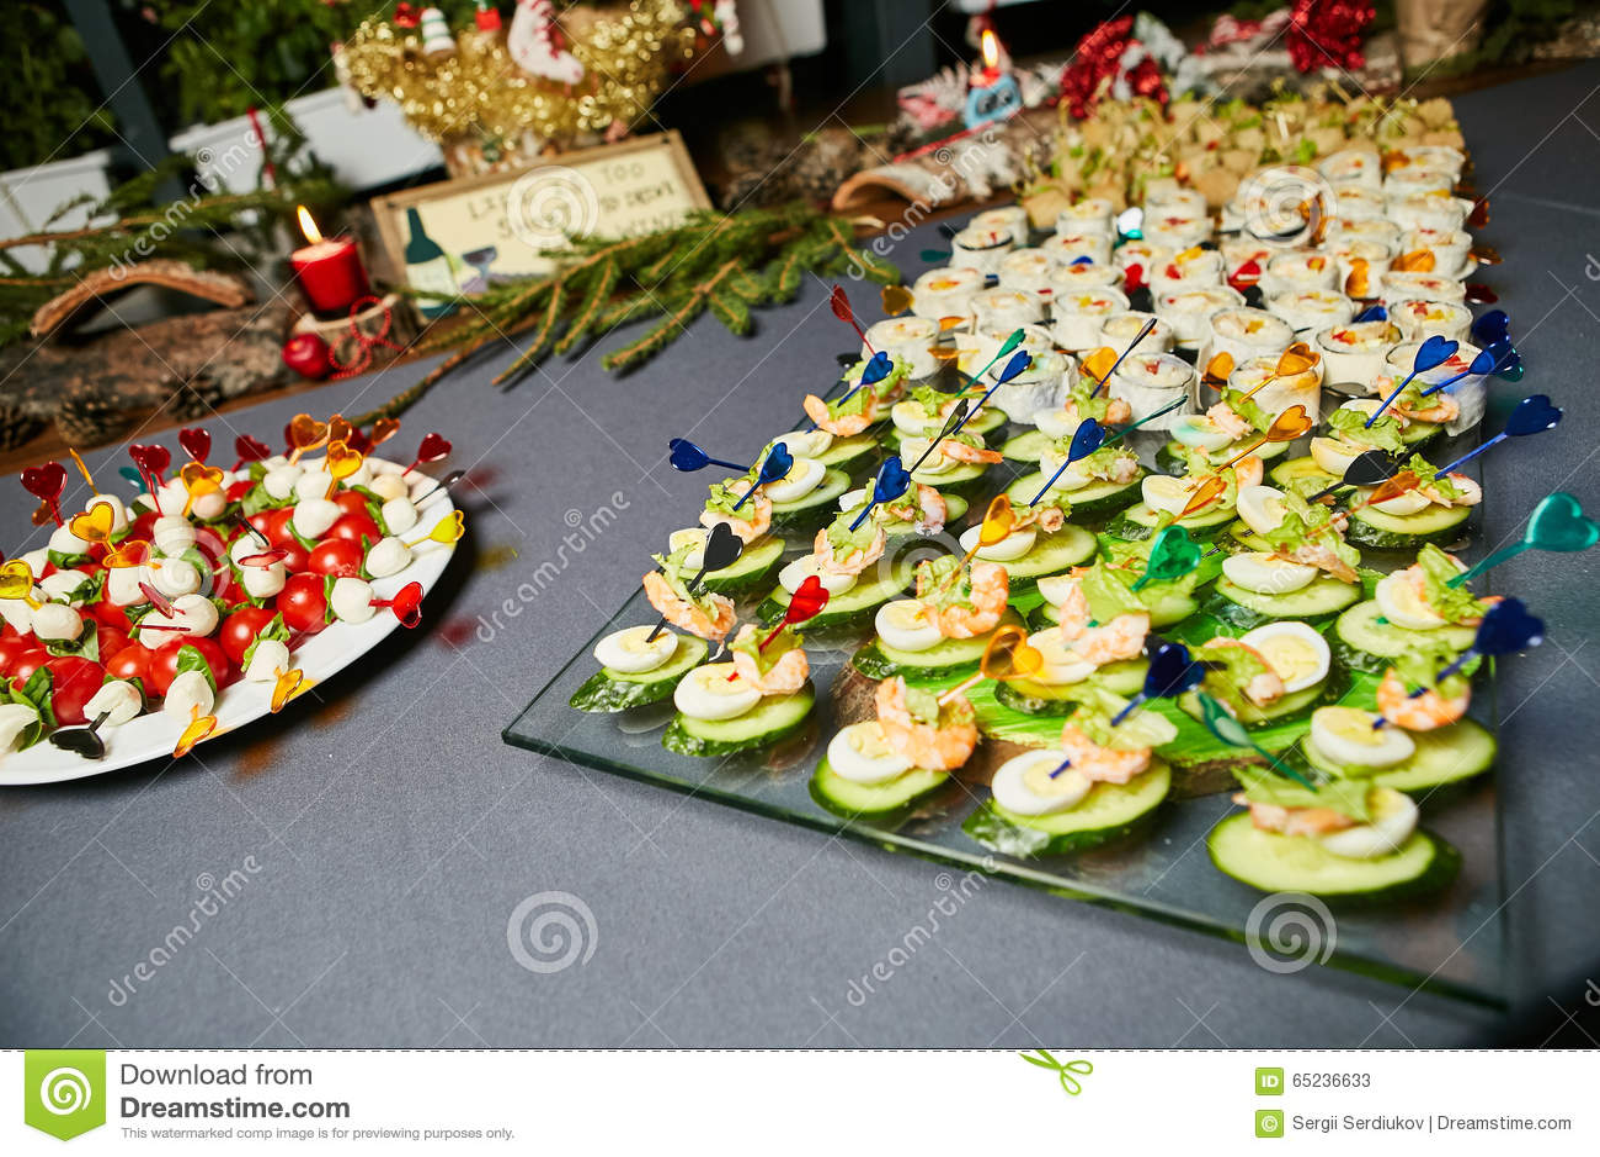 Beautiful Holiday Table Setting Stock Image Image Of Celebration